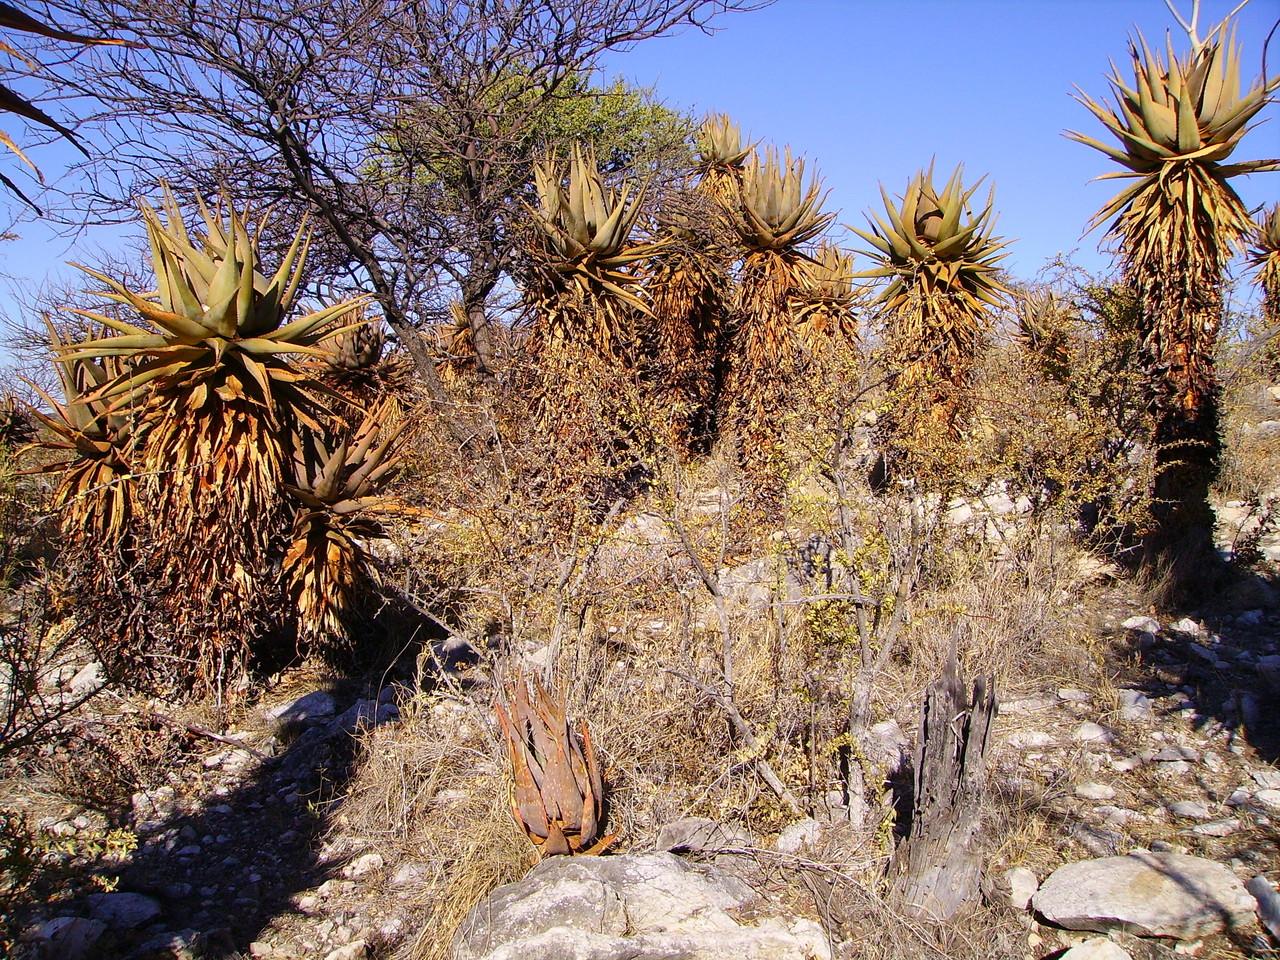 Ondombo heißt übersetzt Platz der Aloe